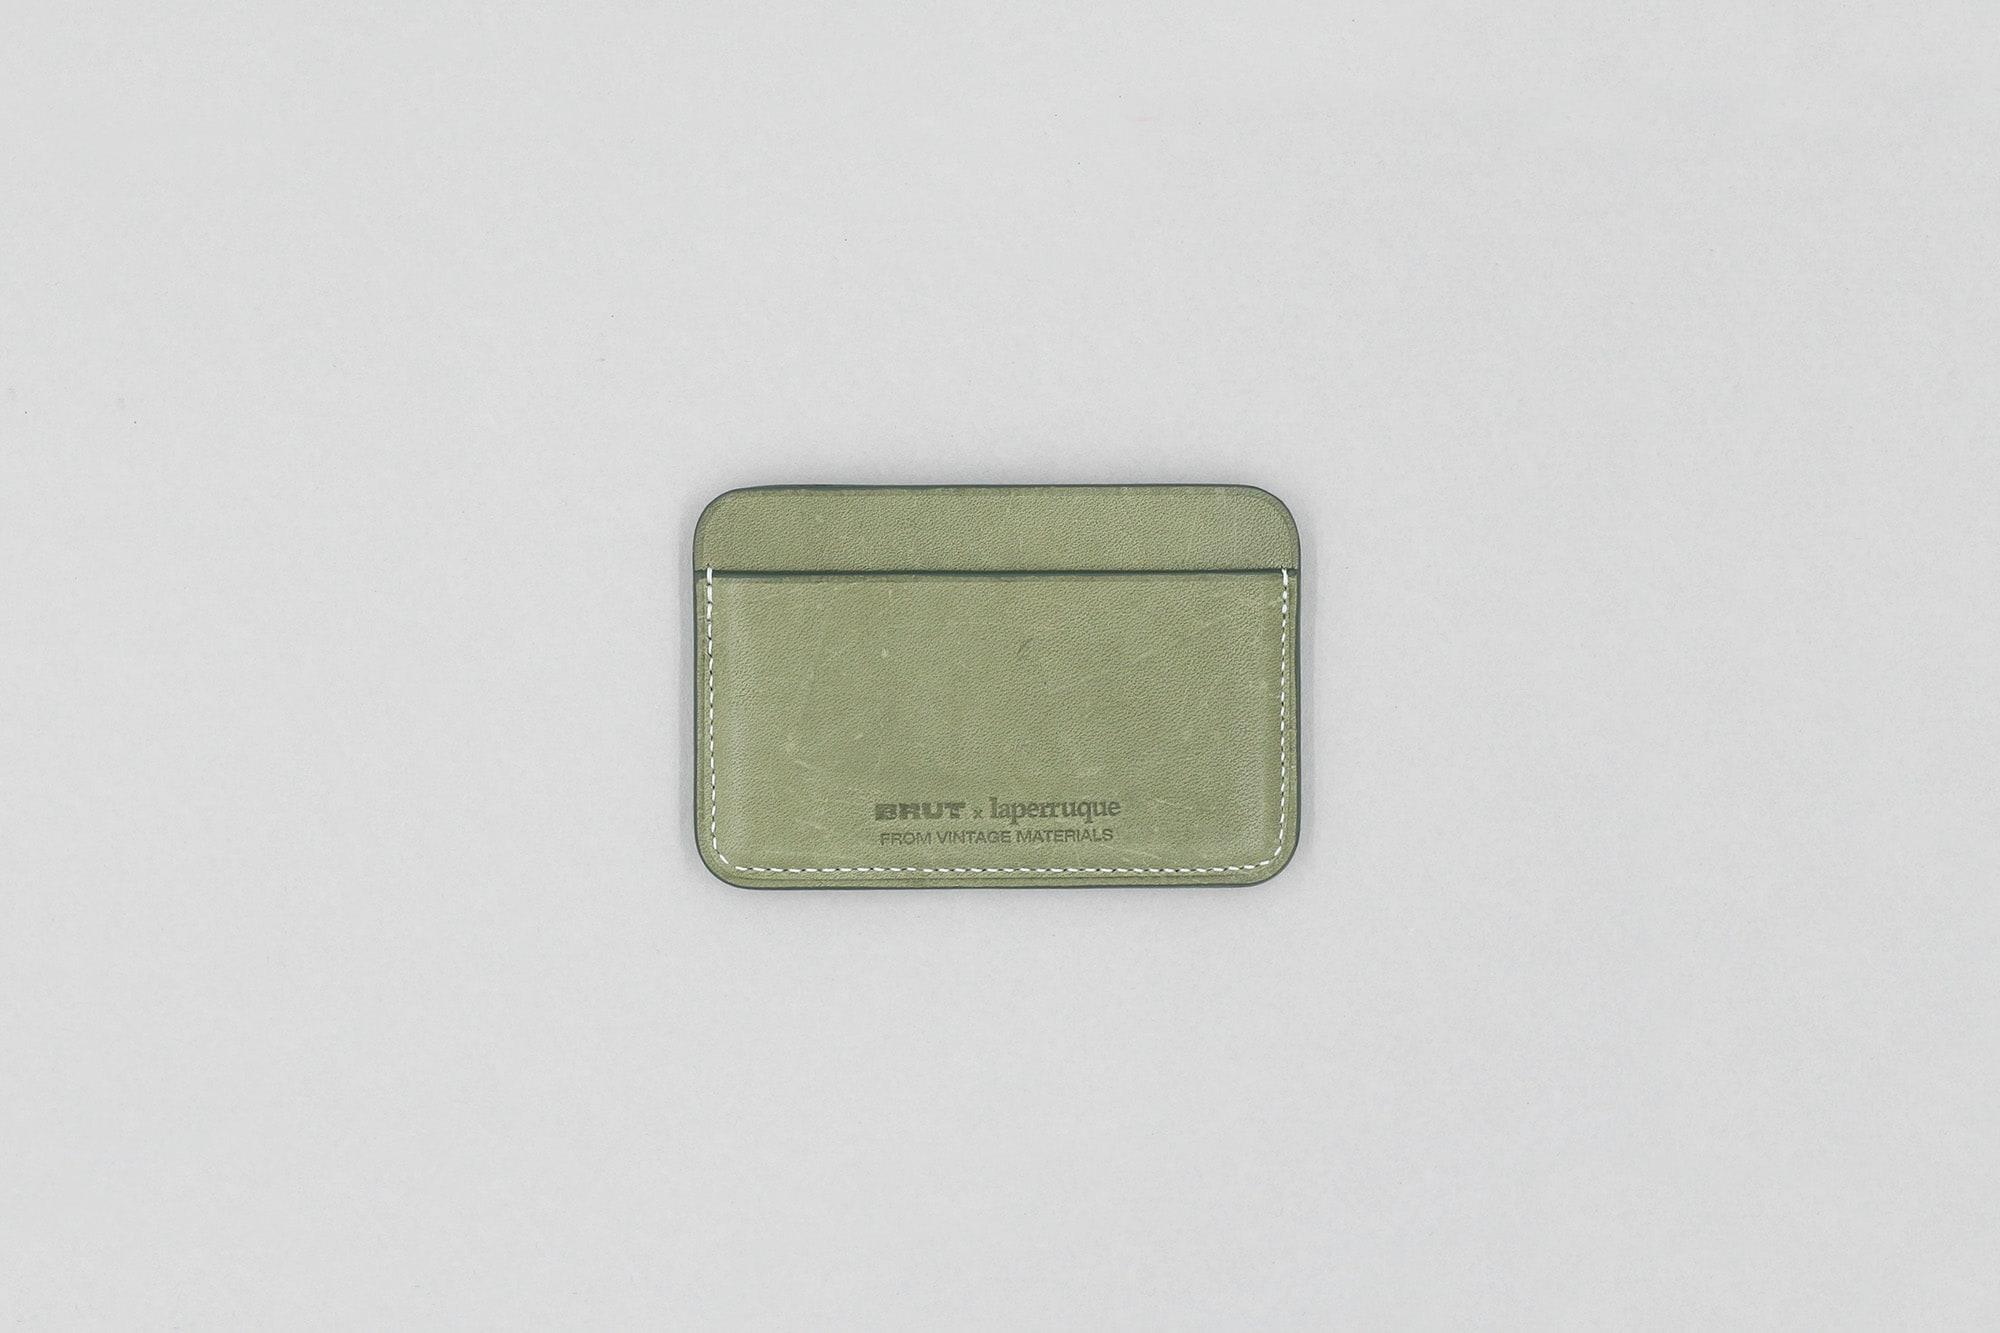 Porte-Cartes en Cuir de Tablier Vintage laperruque x brut